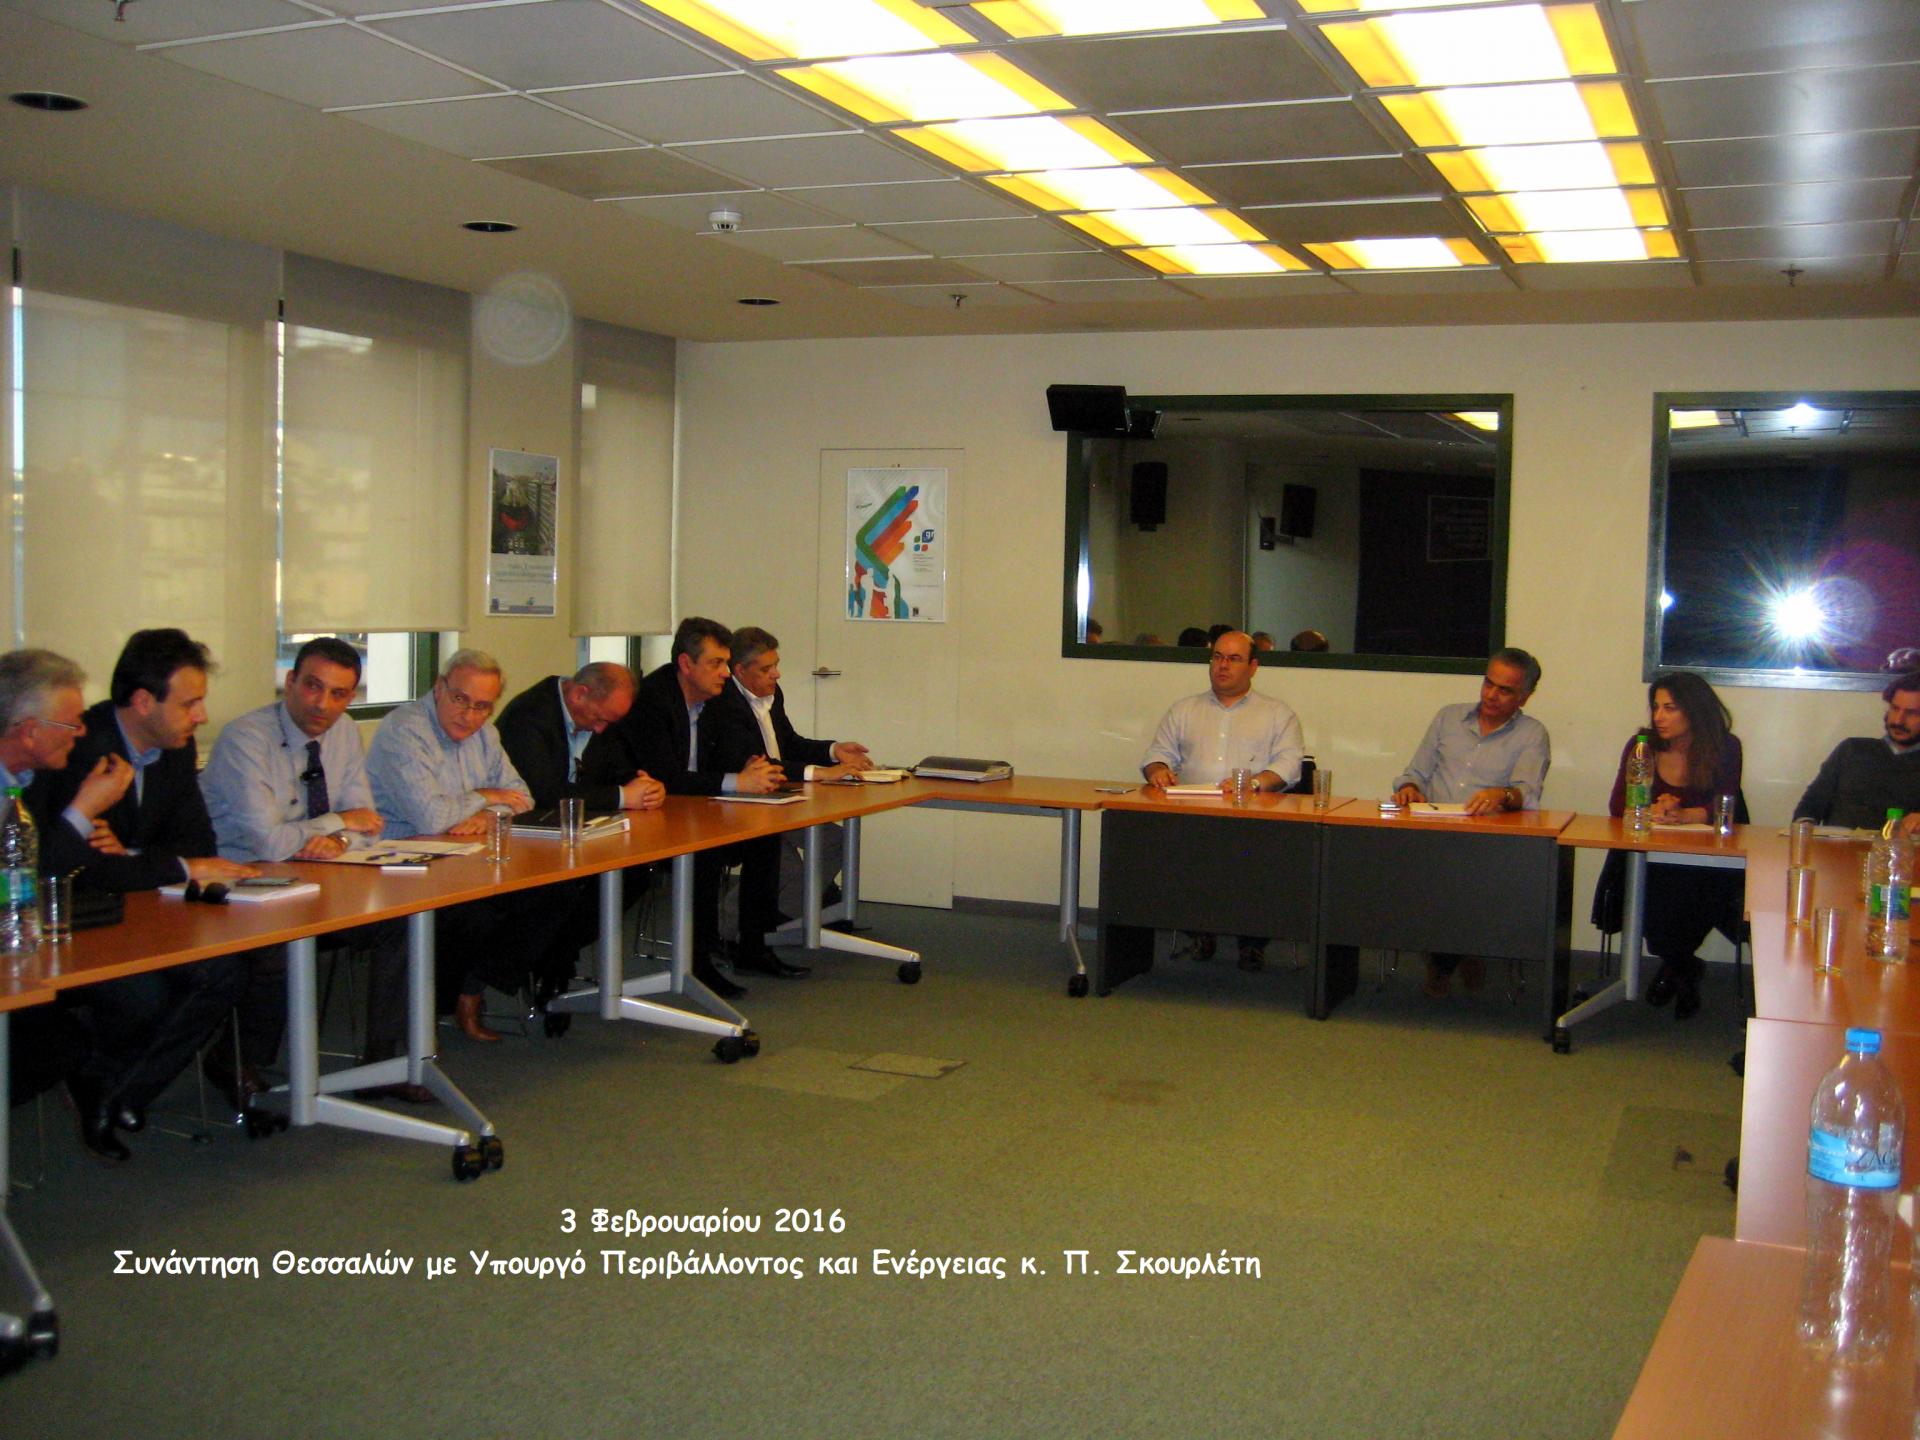 2016 02 03 Συνάντηση με Π. Σκουρλέτη - Υπουργό Περιβάλλοντος και Ενέργειας